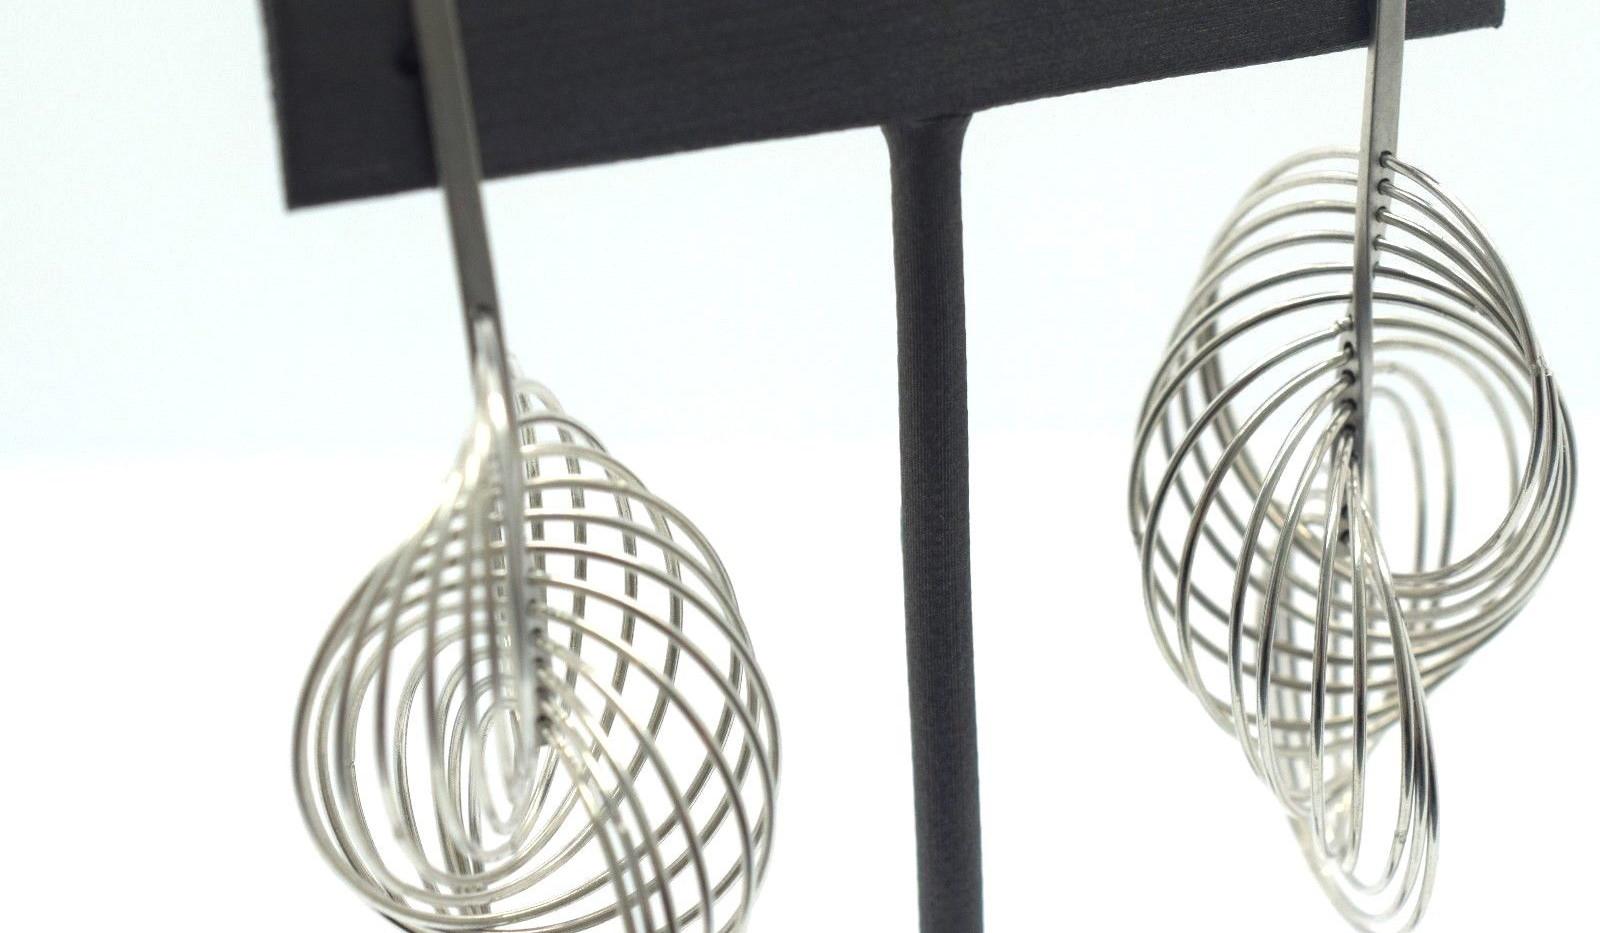 Estate Slinky Hoop Earrings 18k White Gold 14.7 Grams 58 MM